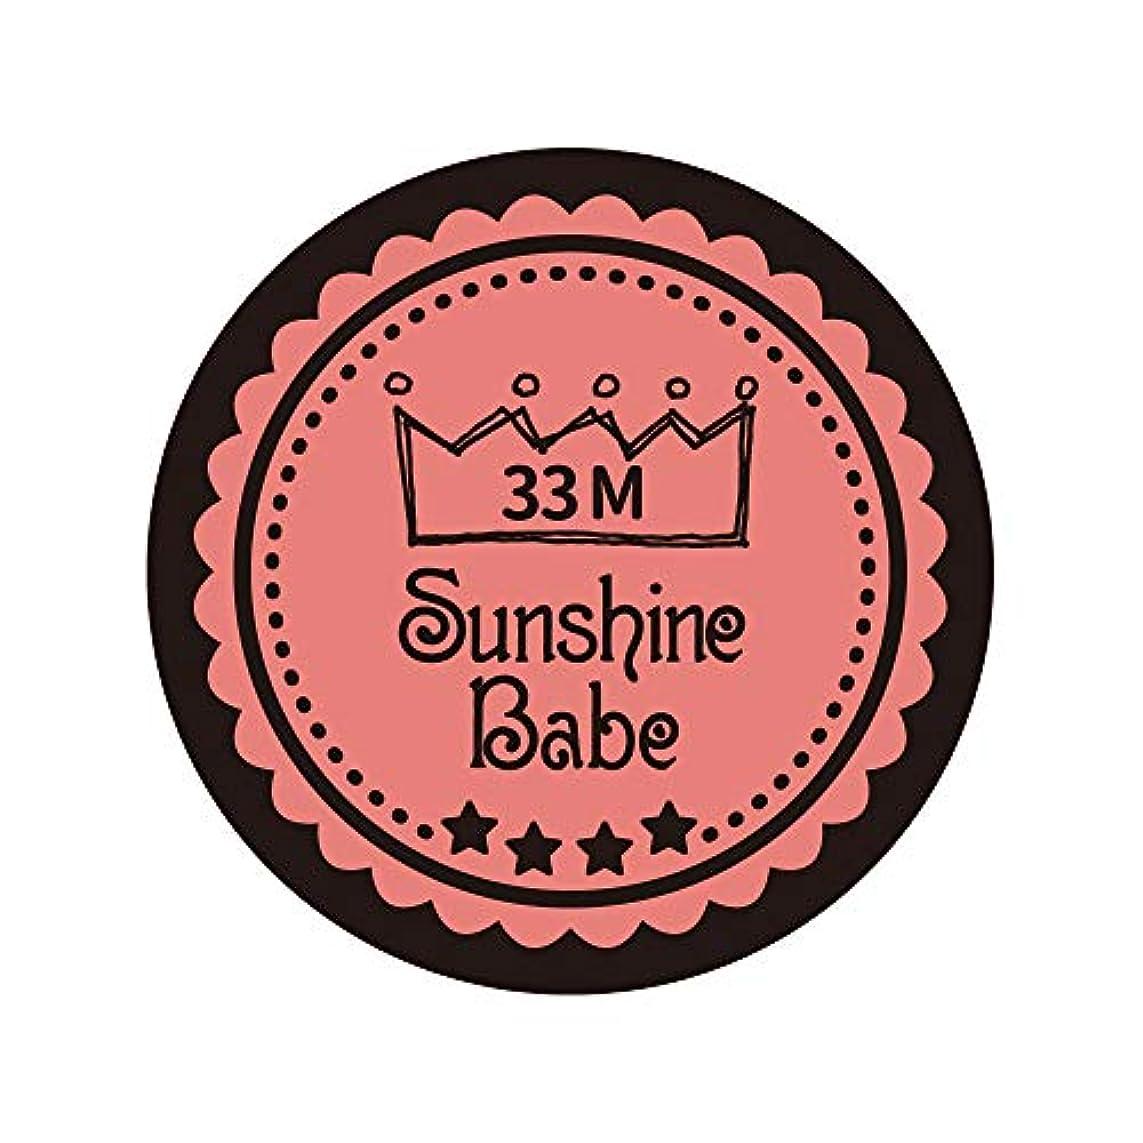 むき出しチケット汚れるSunshine Babe カラージェル 33M ベイクドコーラルピンク 4g UV/LED対応